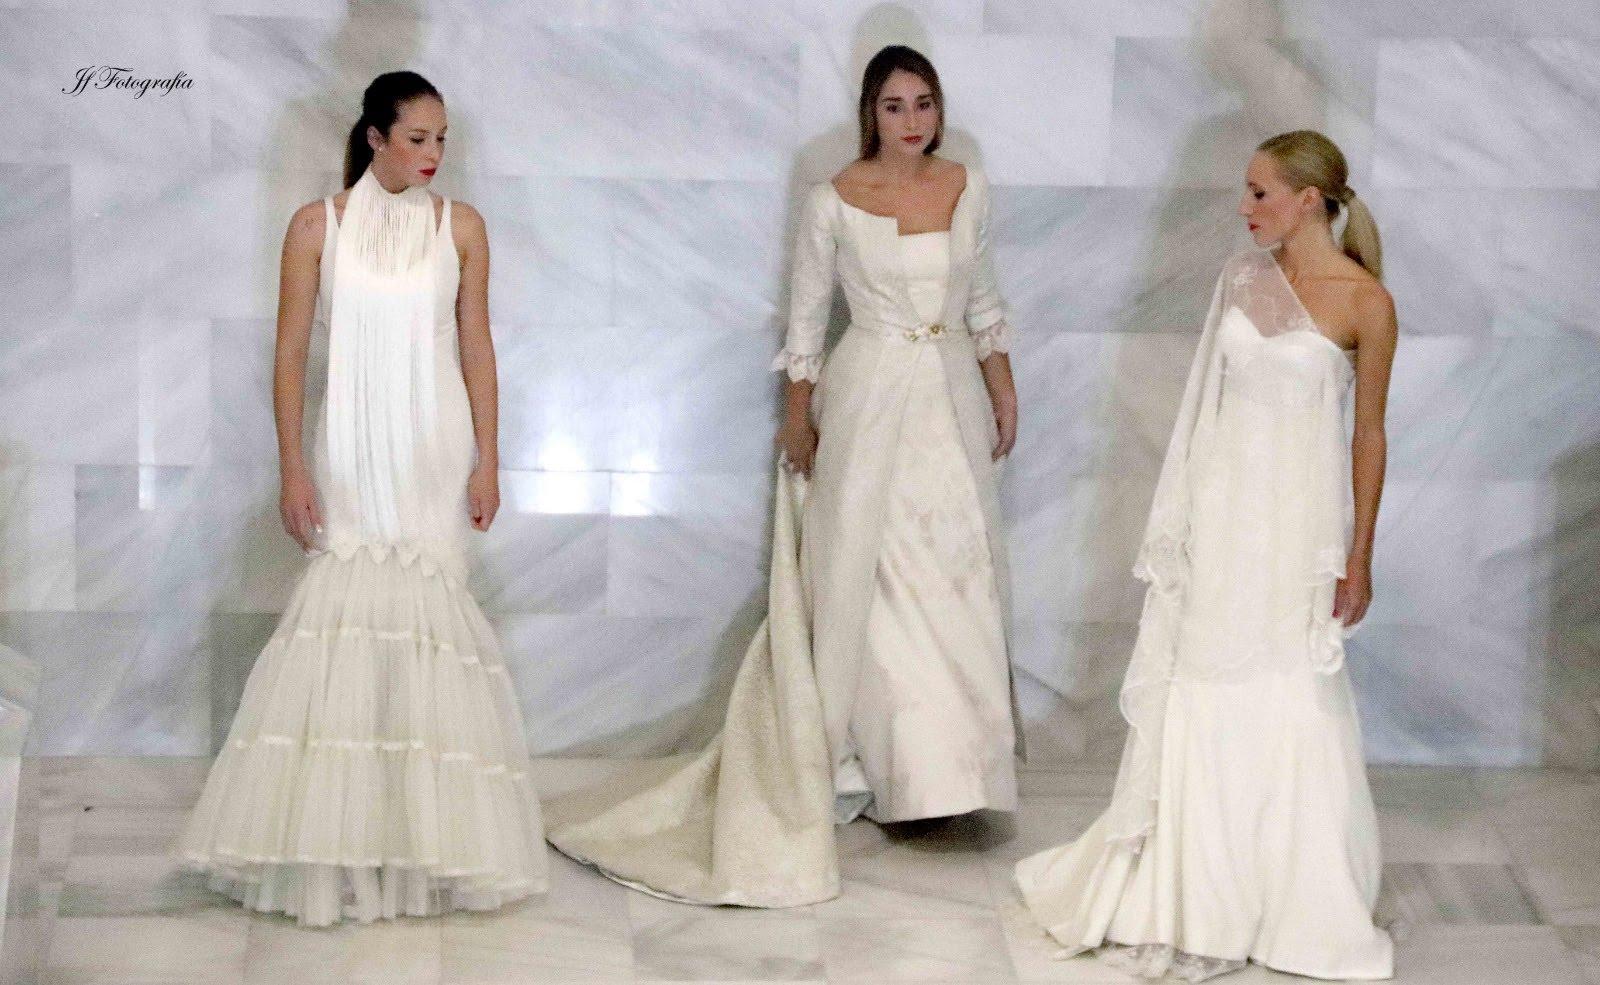 tres novias angeles verano-cadiz